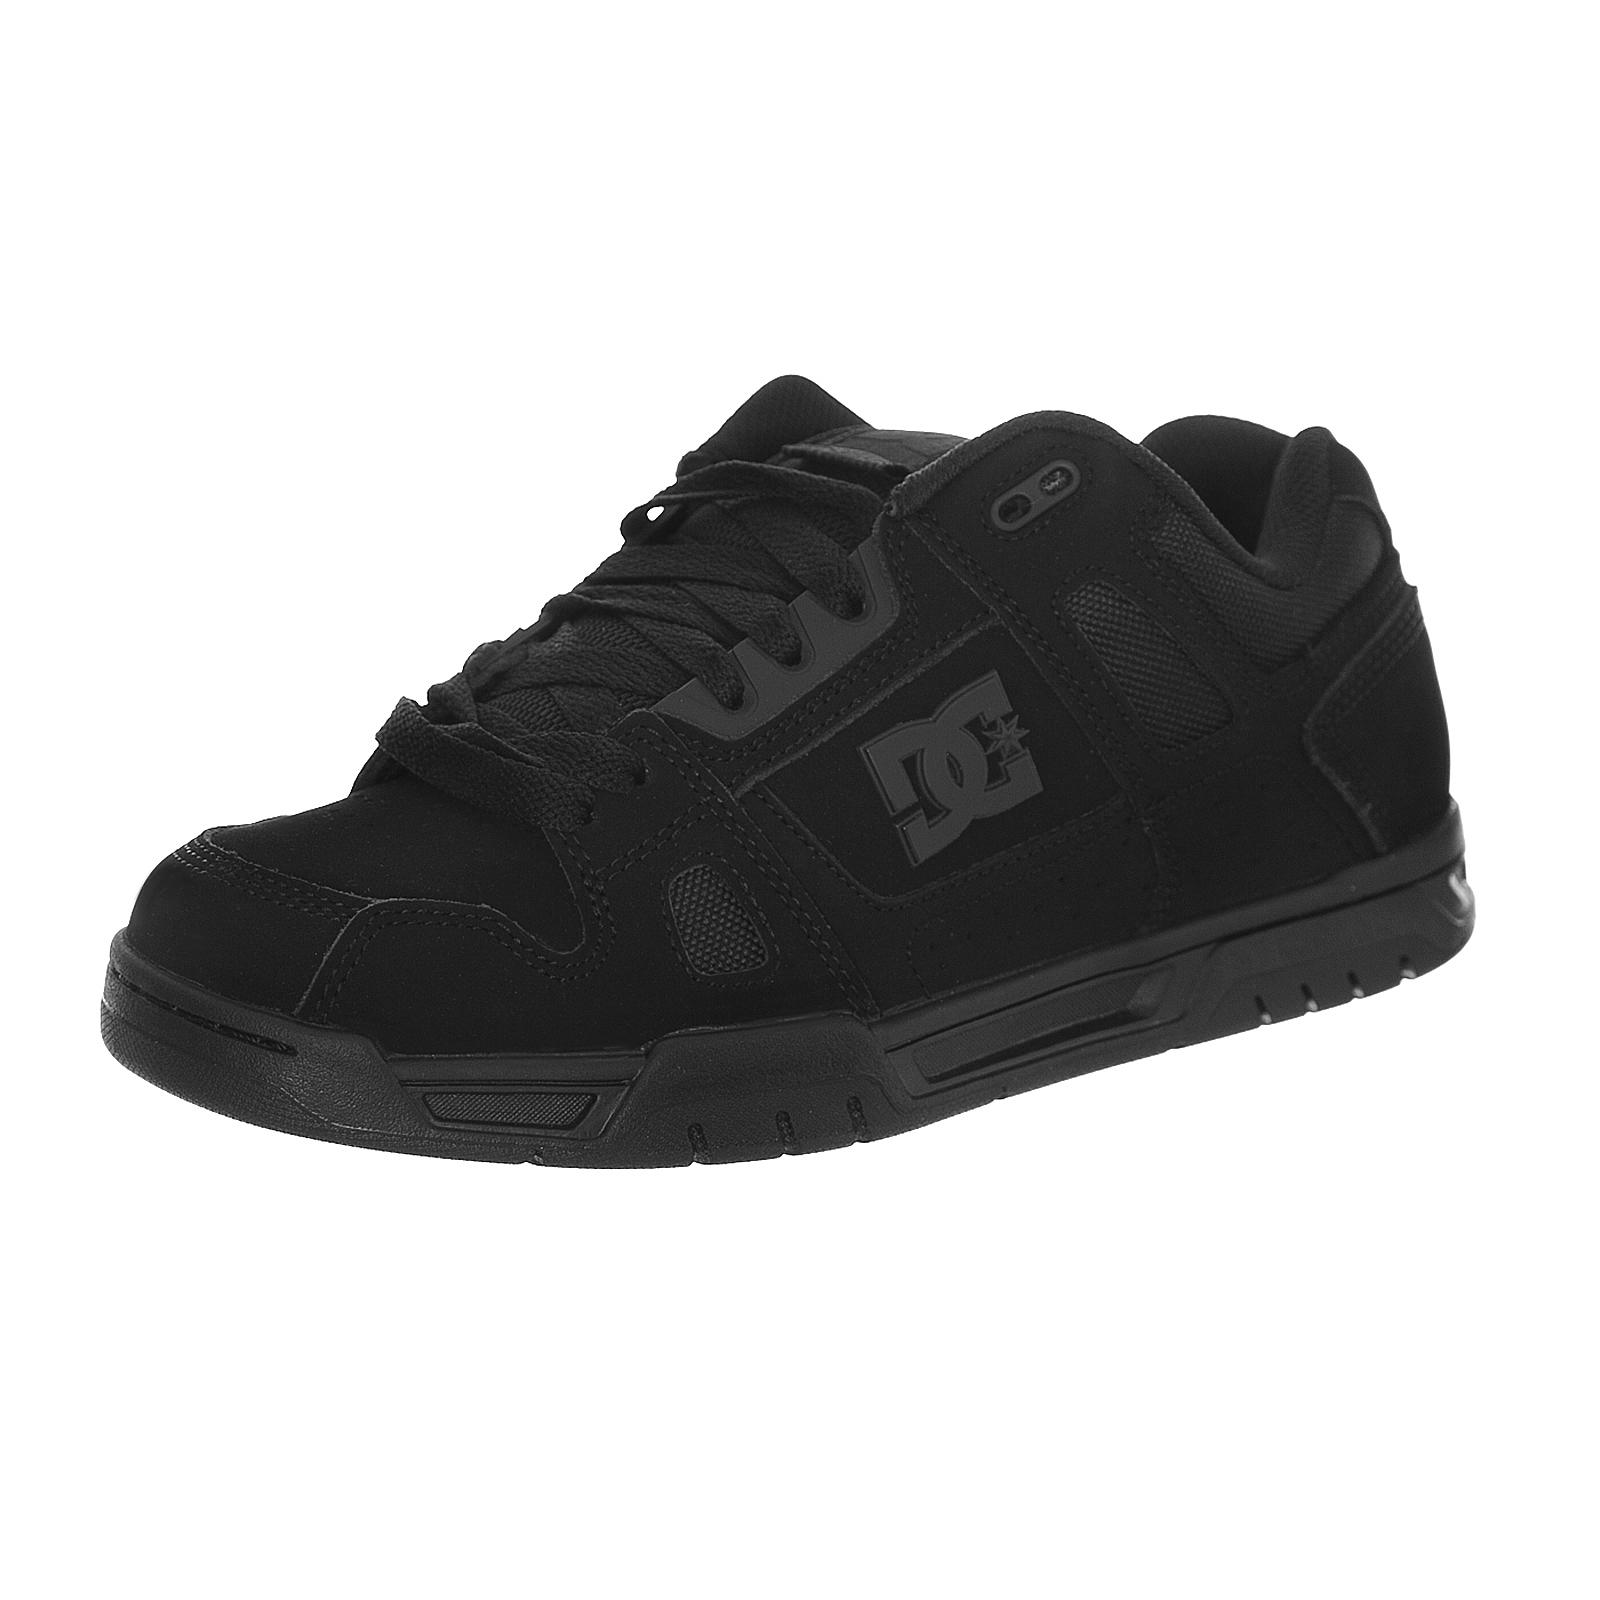 Dc scarpe da ginnastica Dc scarpe Stag  Nero